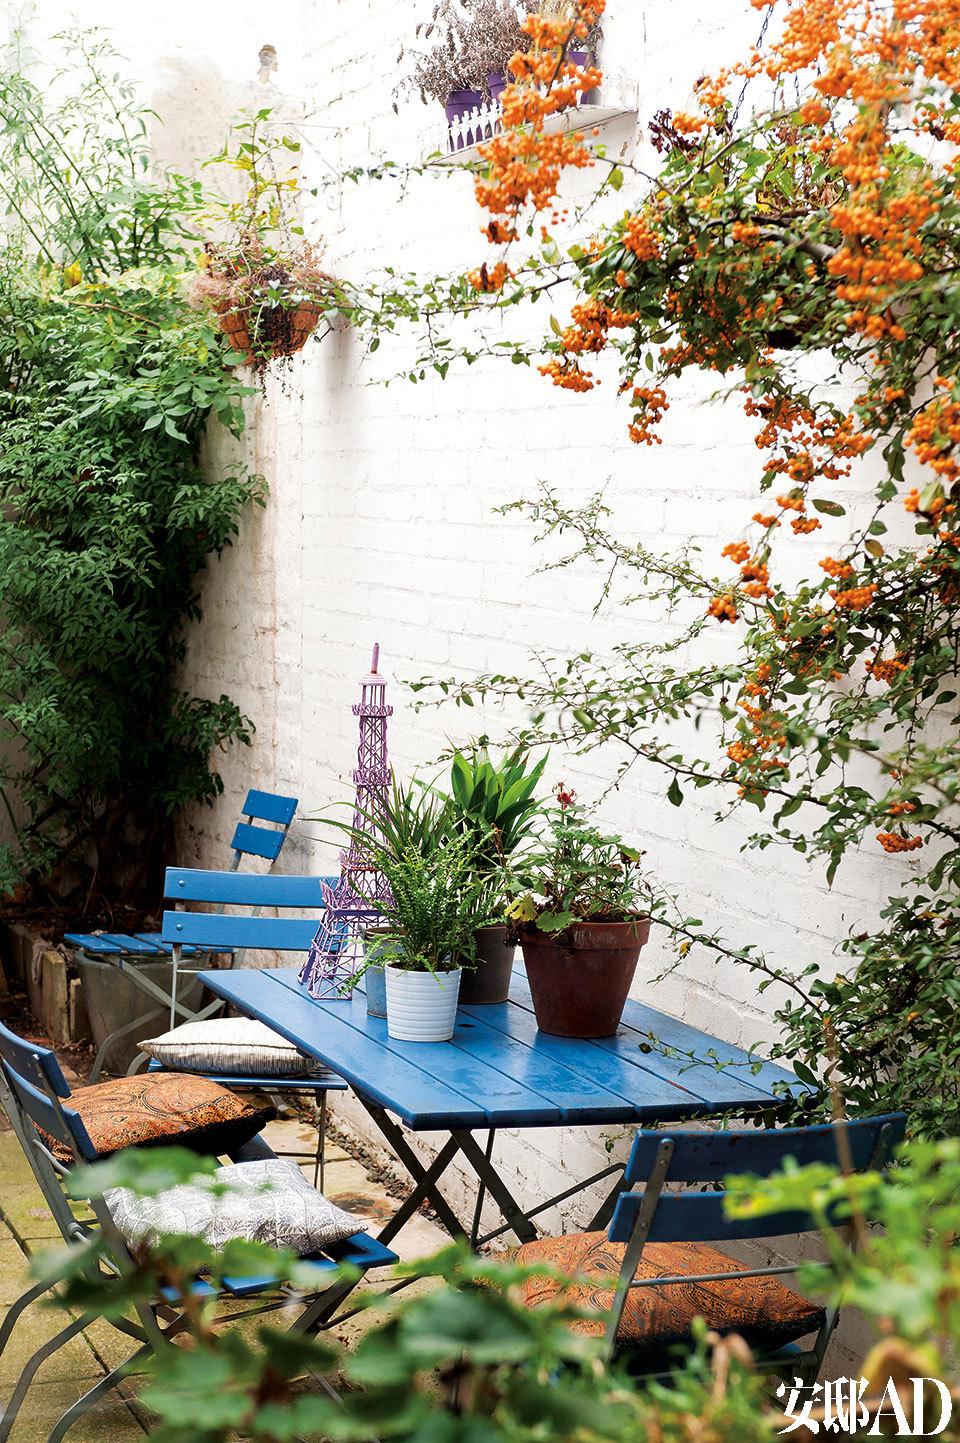 房屋后院的小花园,让从小习惯了乡村田园生活的Marisa在车水马龙的都市中也能得到一点自然的慰藉。小花园中的户外复古桌椅来自Balcony Gardener,花草大多为主人从伦敦Columbia路市场中淘来的战利品。